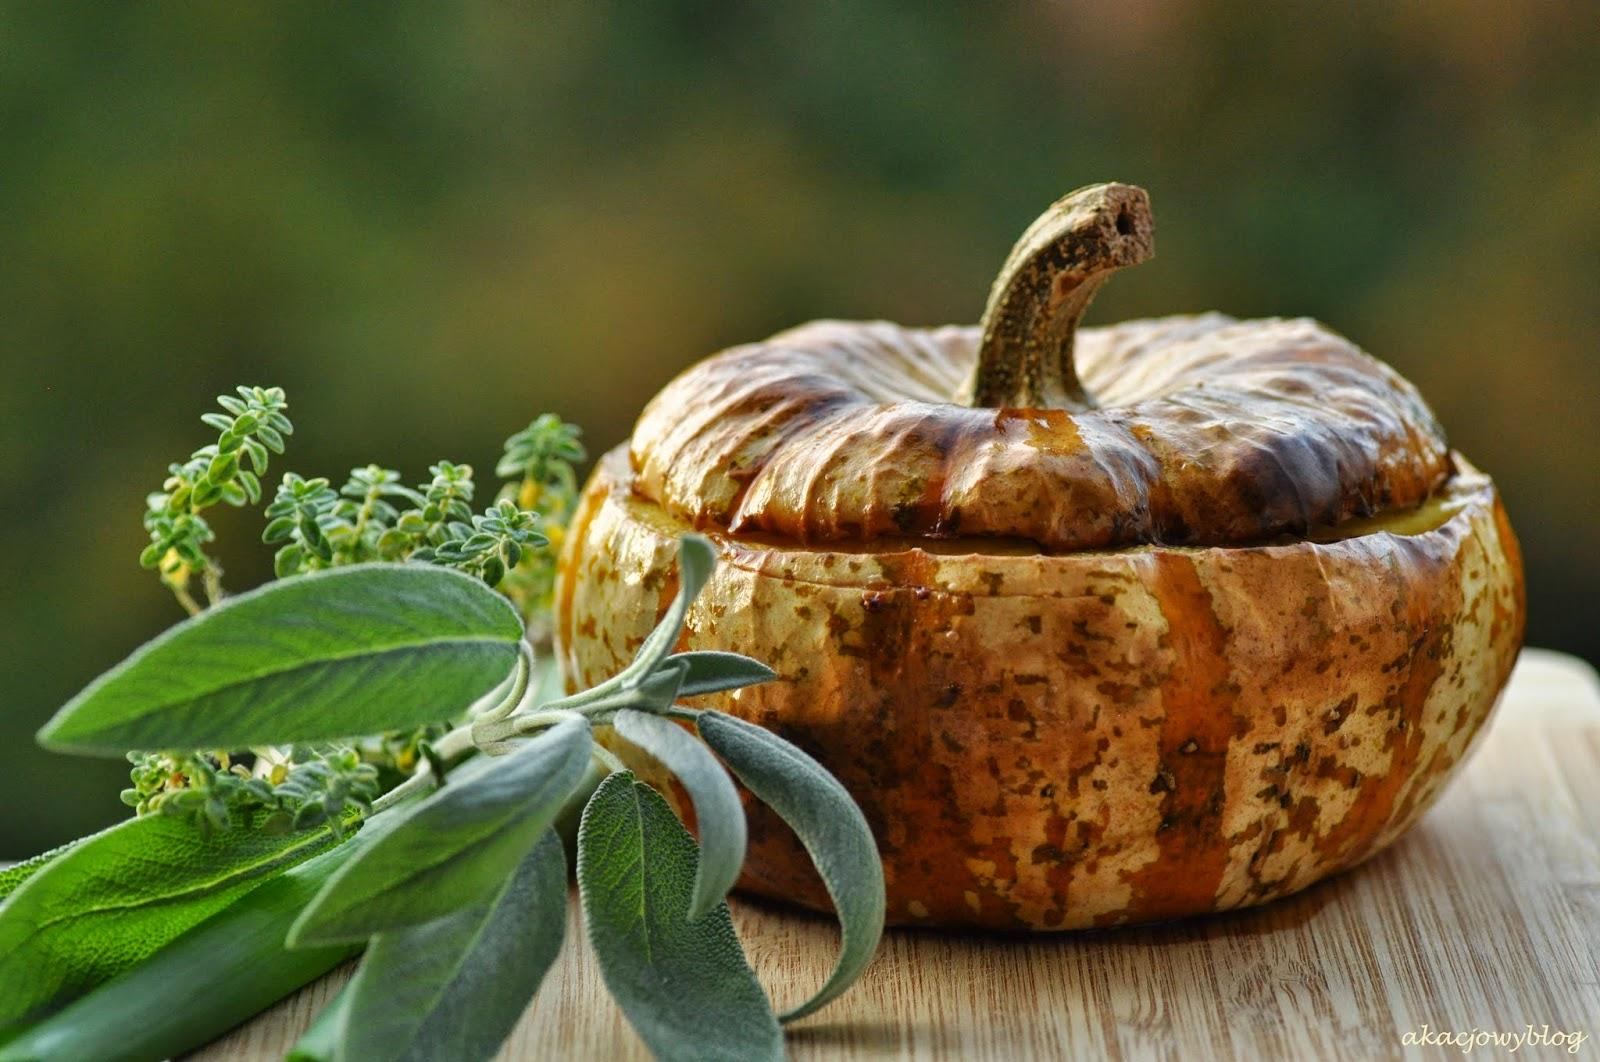 Nadziewane, pieczone, małe dynie na jesienny obiad lub kolację.